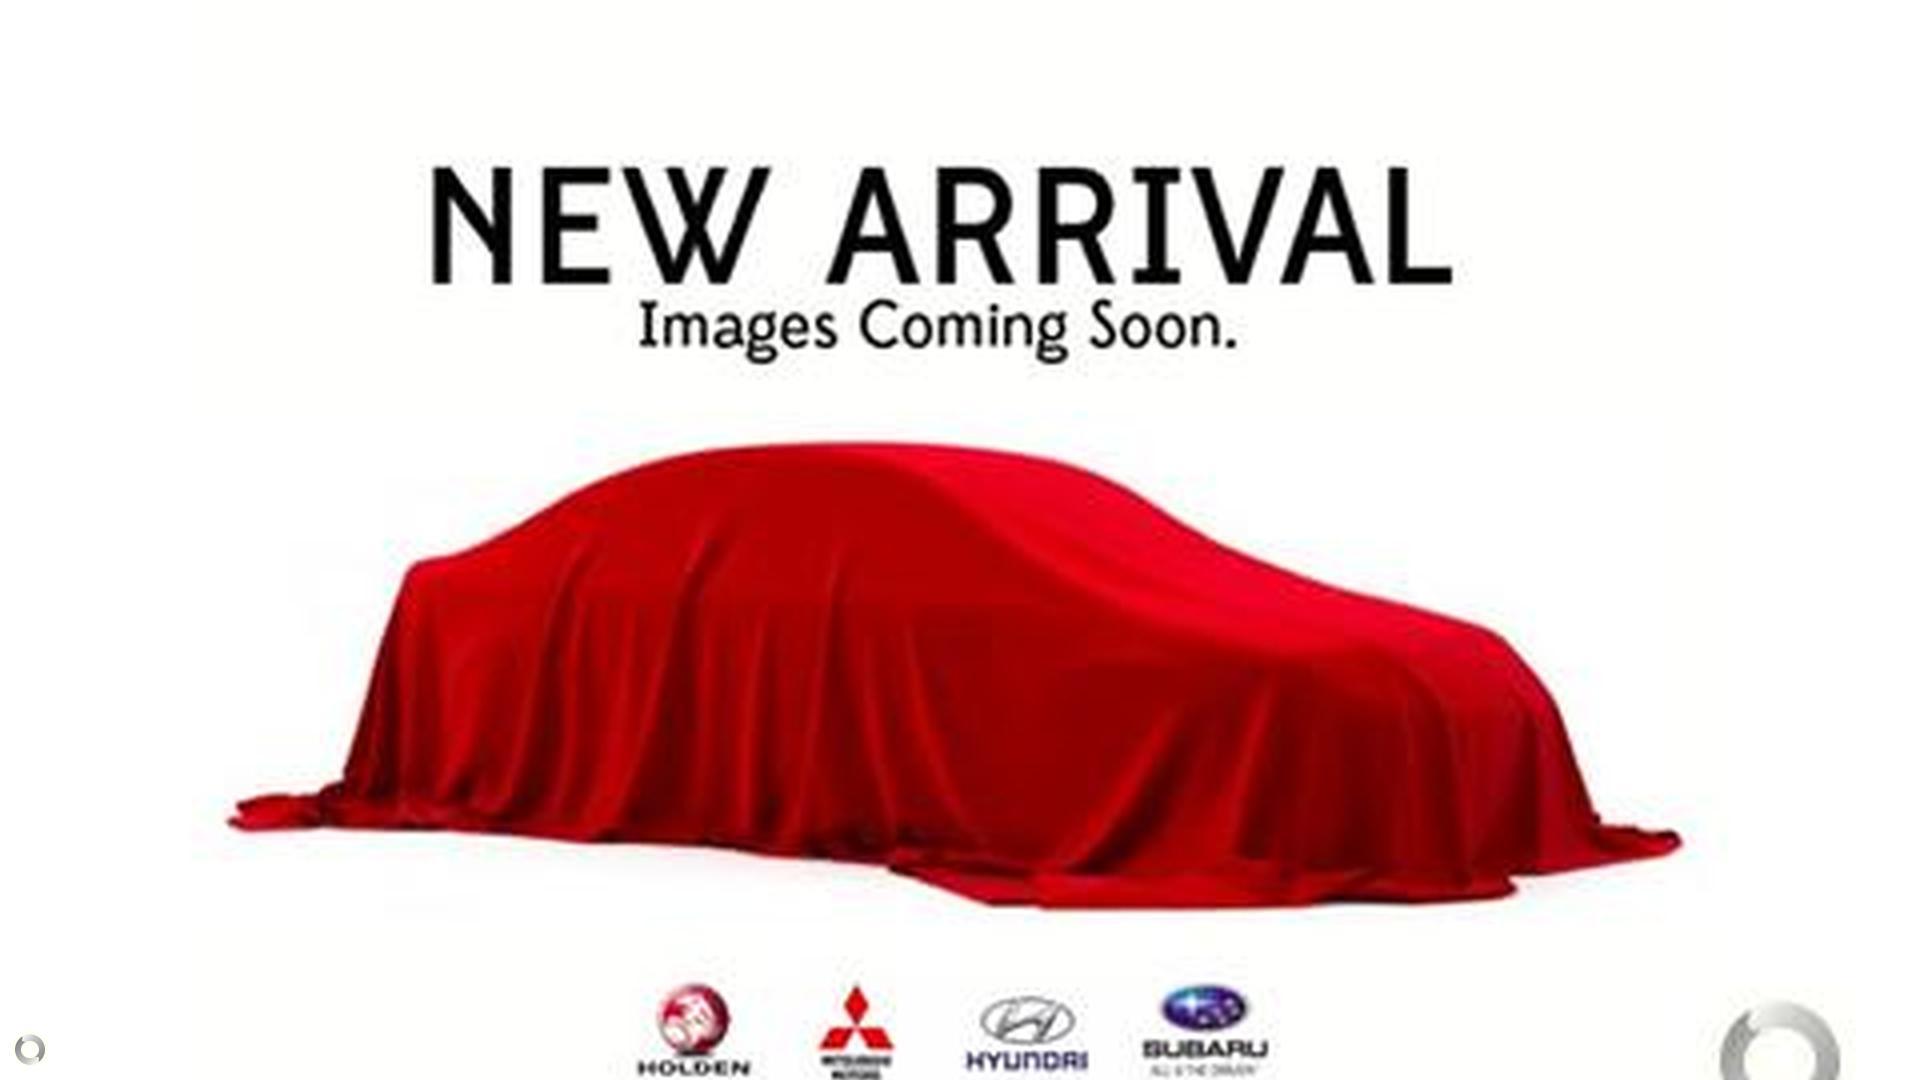 2020 Mitsubishi Pajero NX